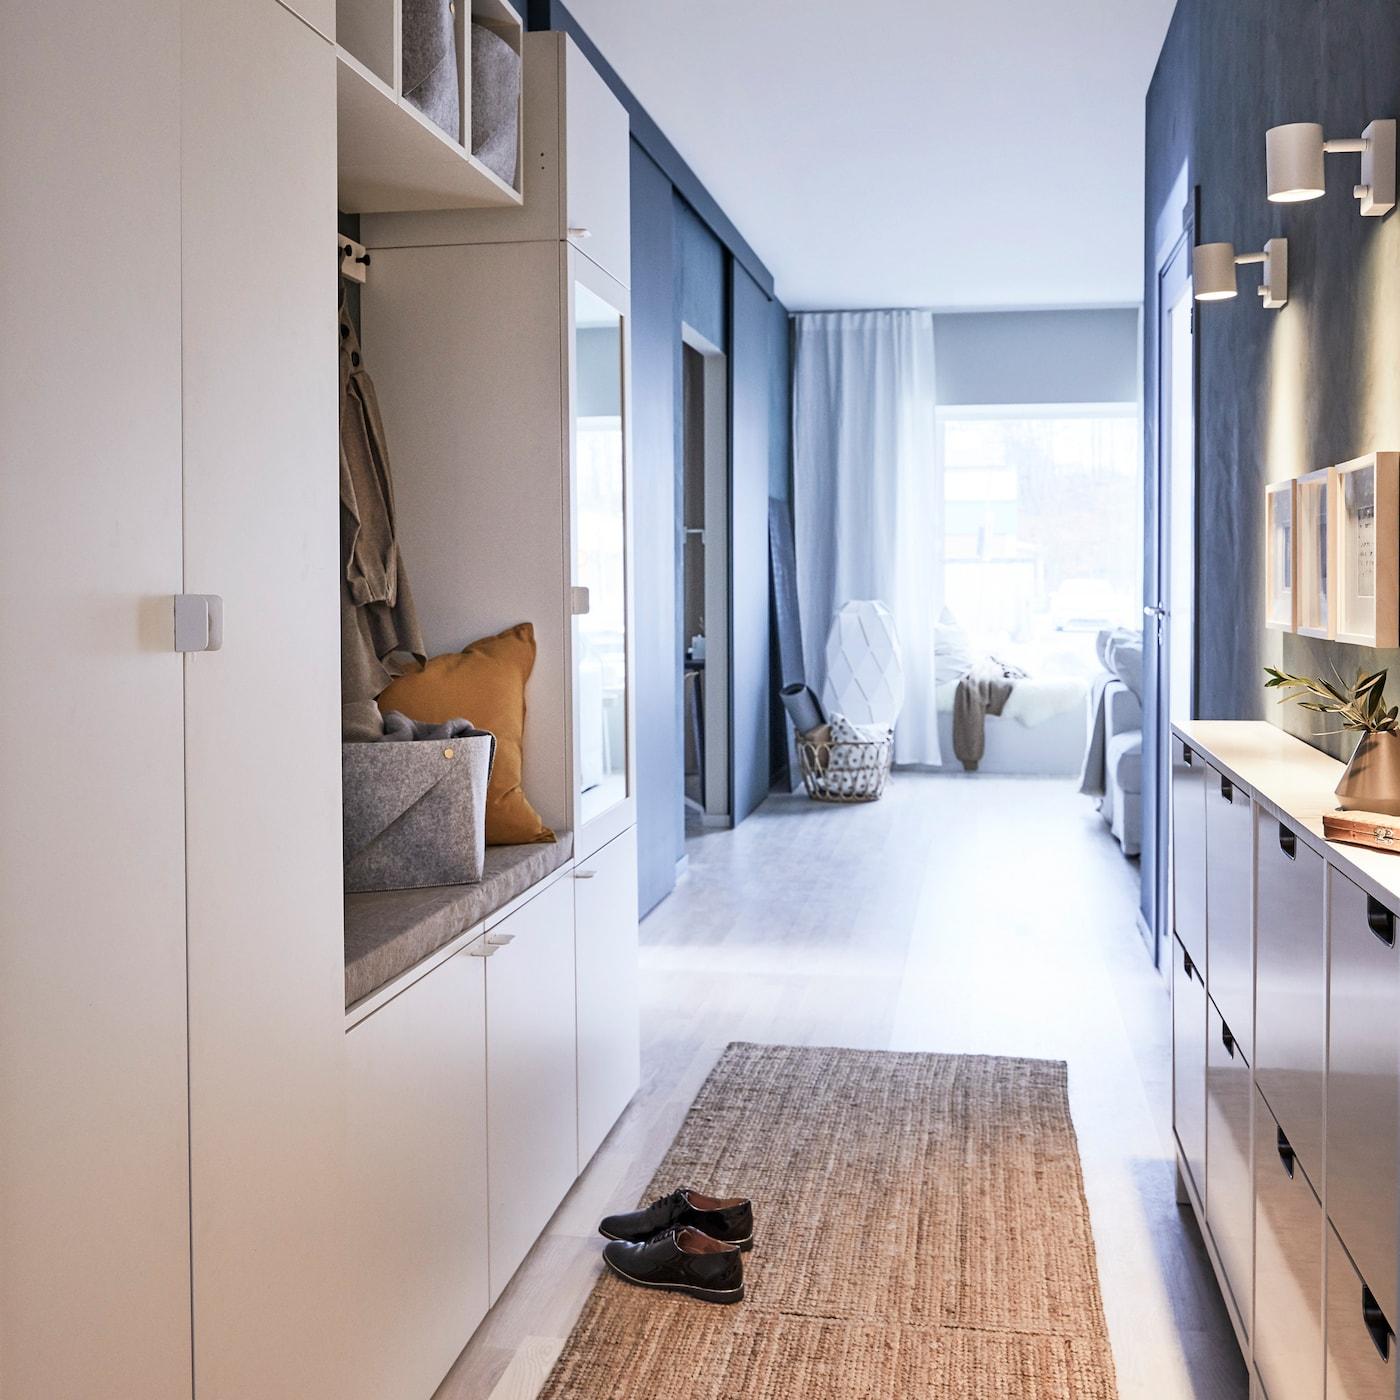 Organiseer je spullen met de PLATSA wit houten gelakte kledingkast, zodat er geen accessoires door de hang slingeren.